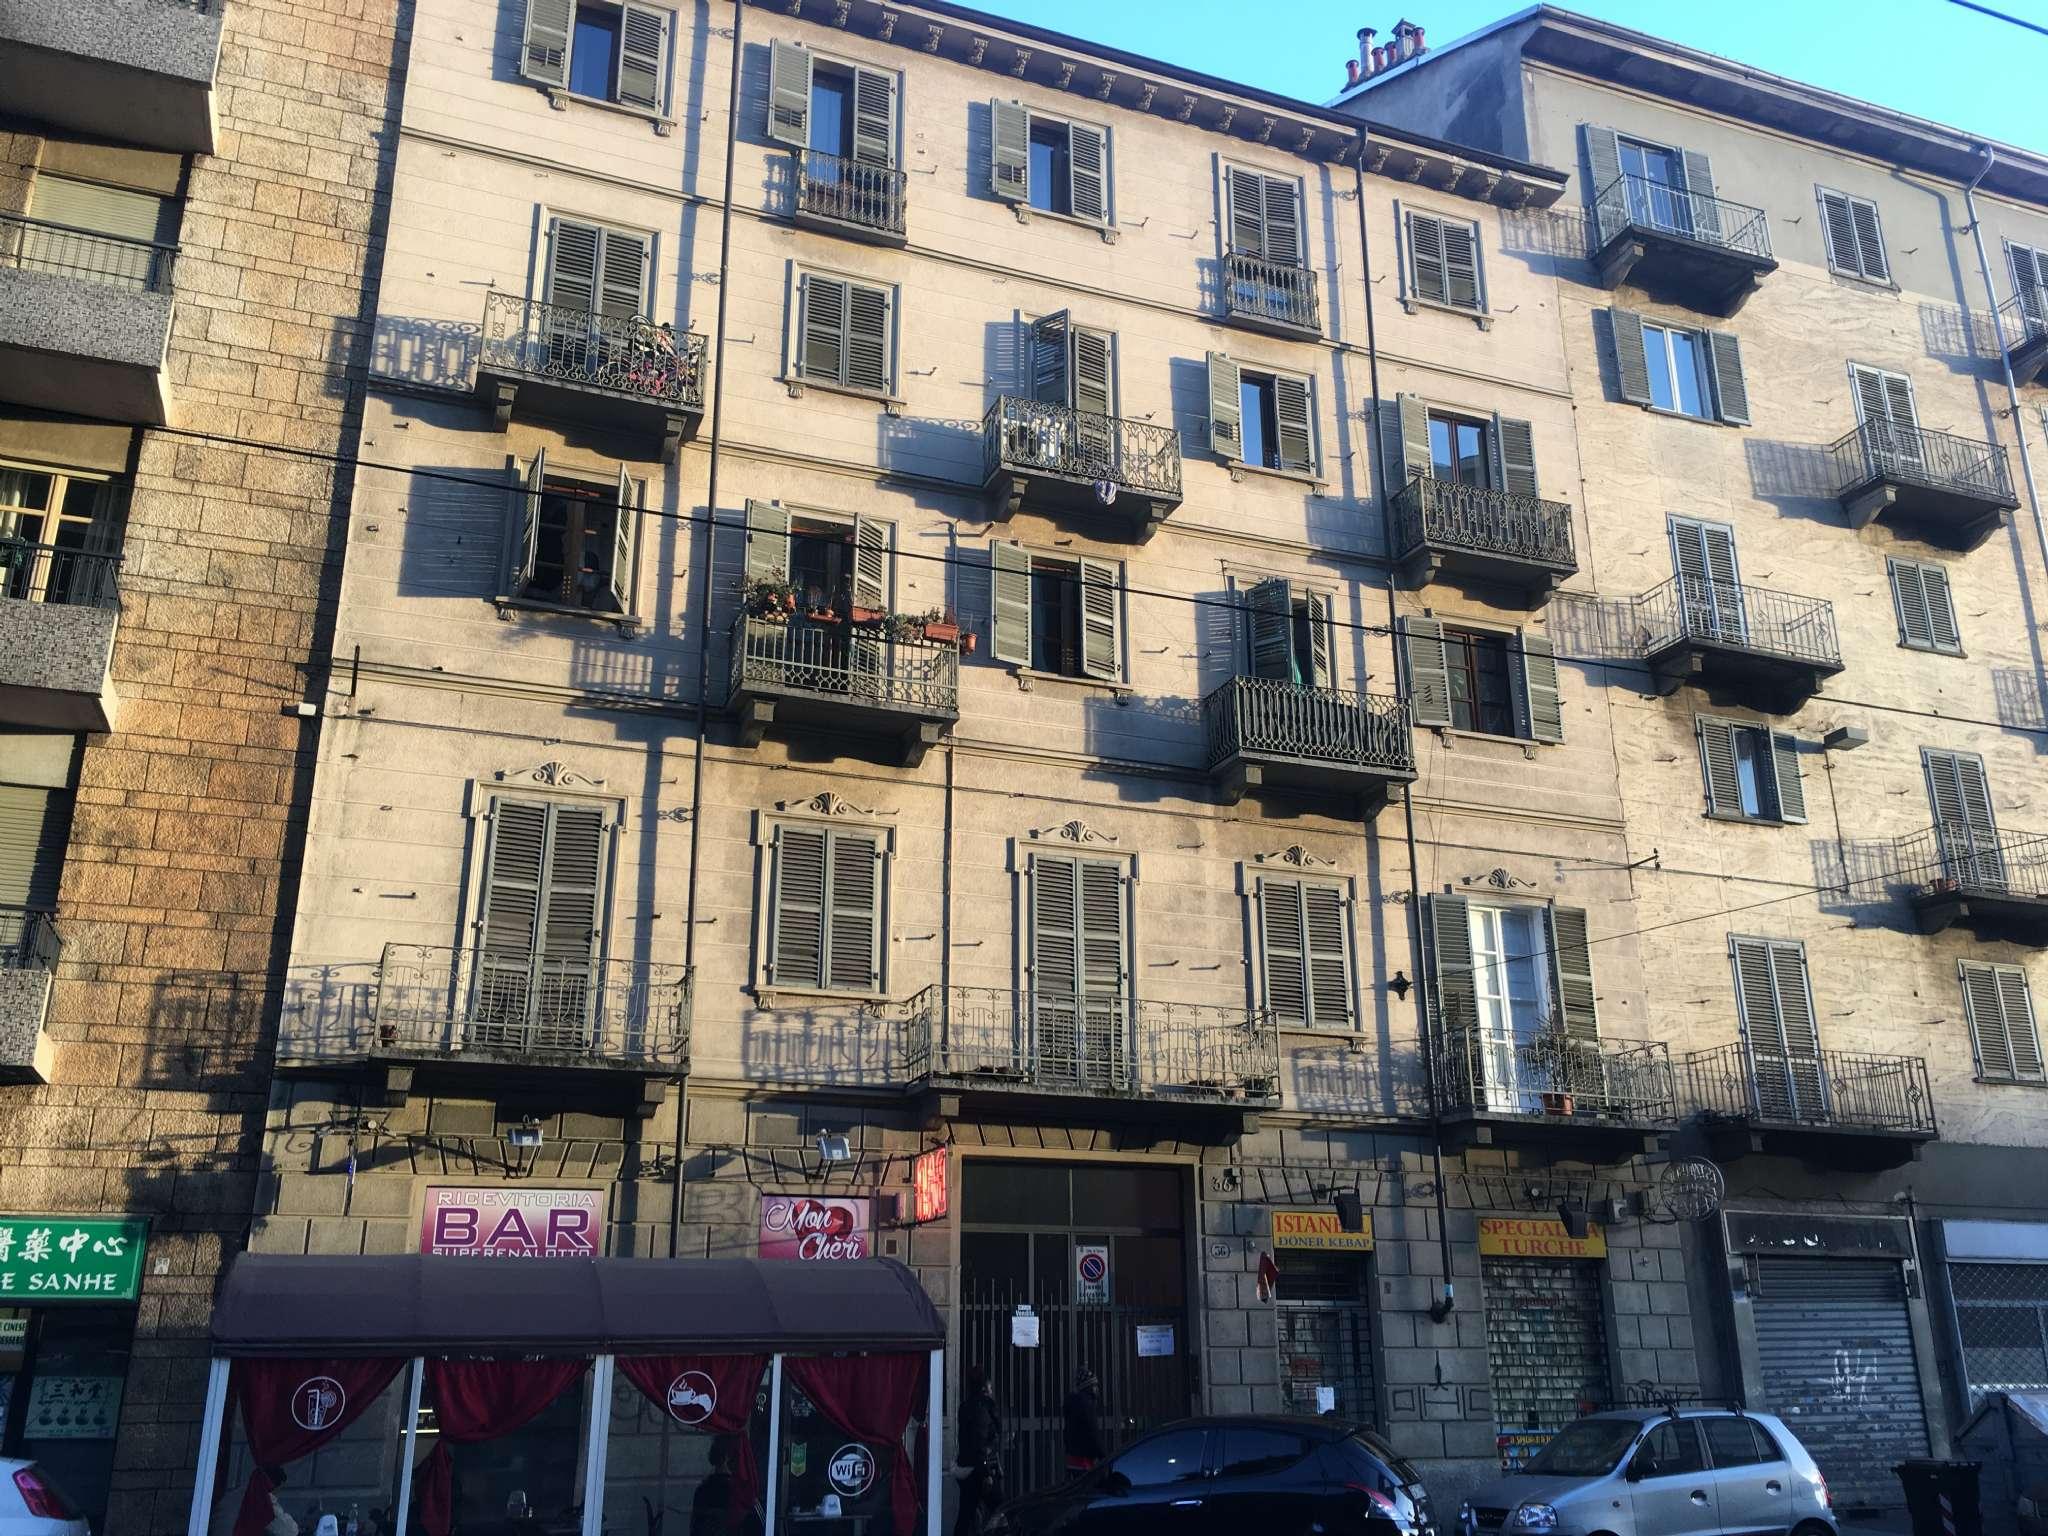 Immagine immobiliare BAR € **.*** -Aurora - C.so Giulio Cesare - Vicinanze Corso Vercelli - adiacente Corso Emilia - € **.*** -Aurora - C.so Giulio Cesare - Vicinanze Corso Vercelli - adiacente Corso Emilia - In stabile del 1940, ben abitato e in...